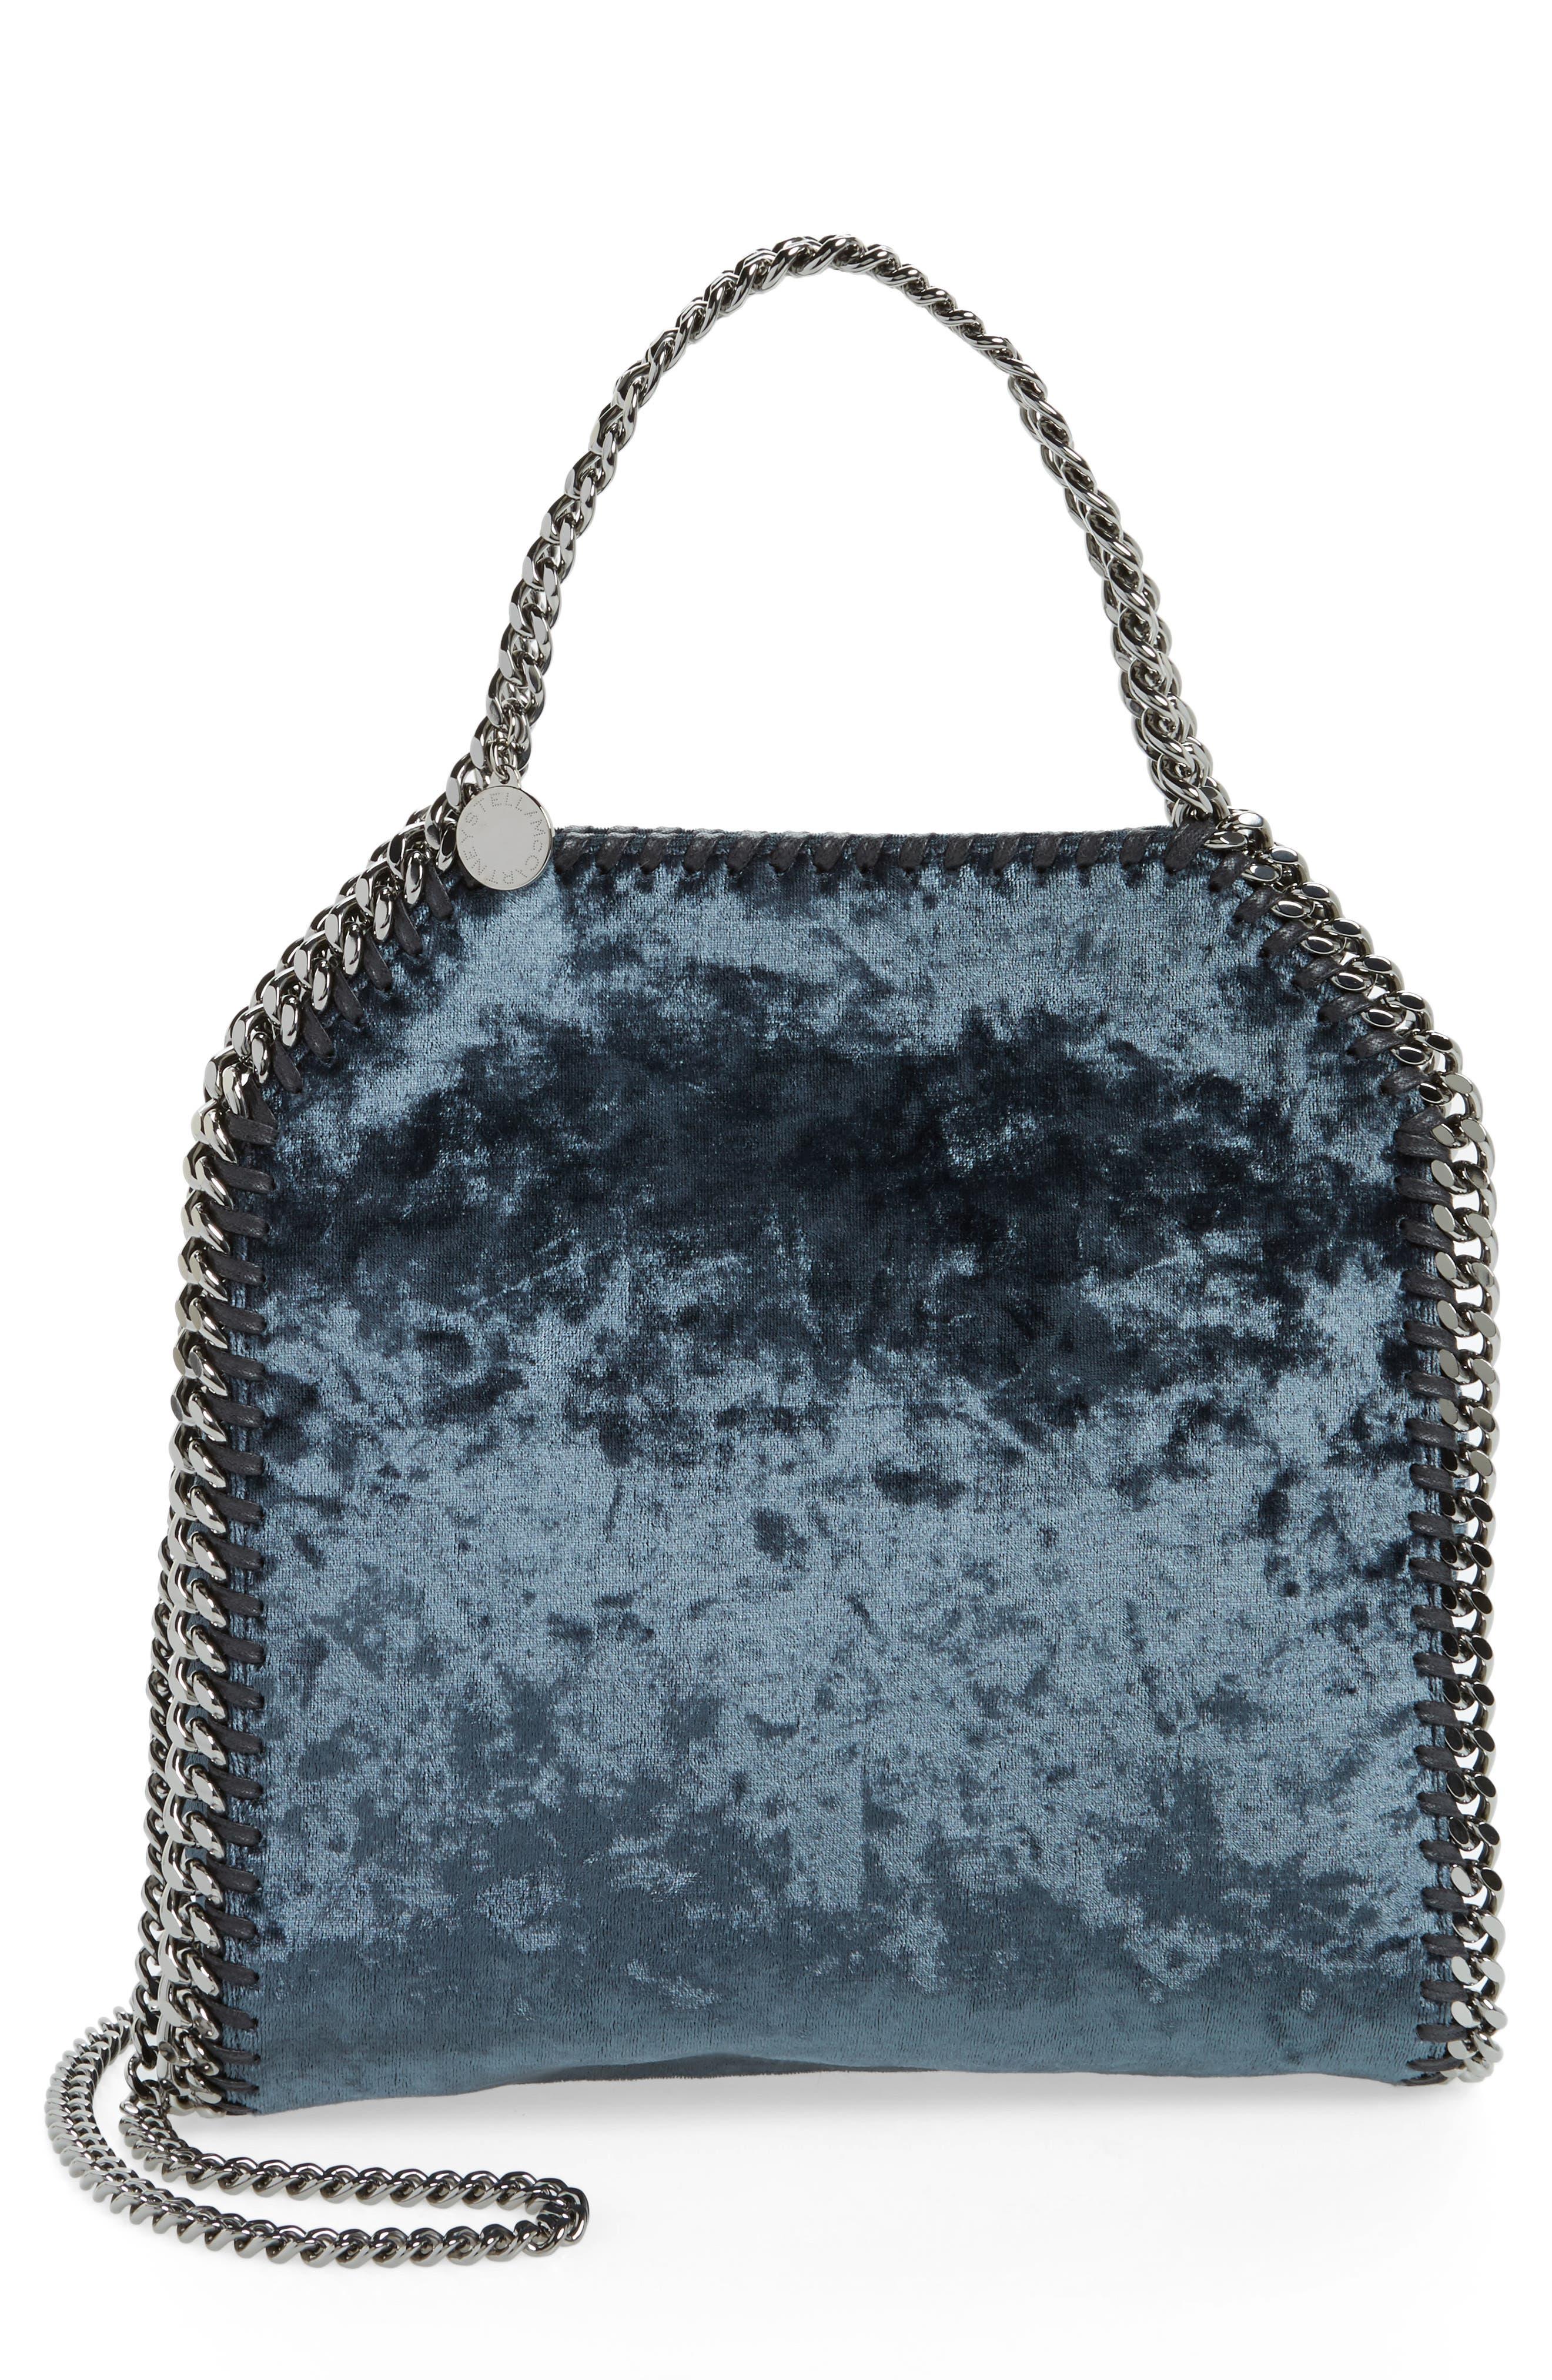 Mini Falabella Crushed Velvet Bag,                             Main thumbnail 1, color,                             Charcoal